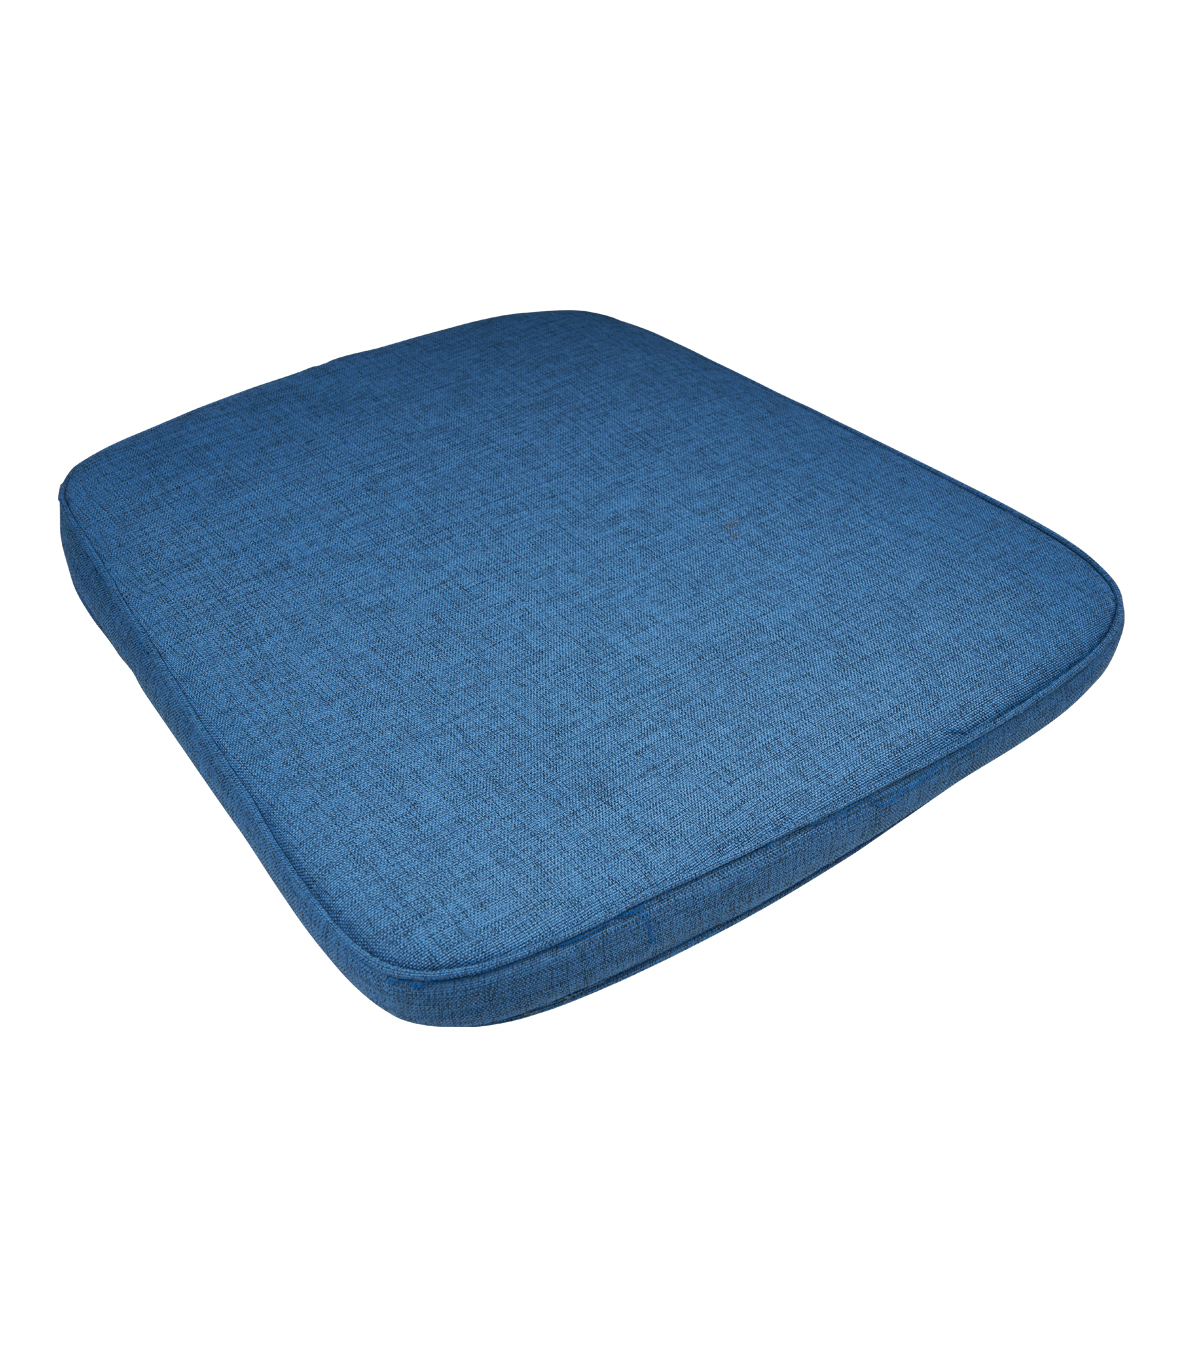 Kussen 3504 blauw